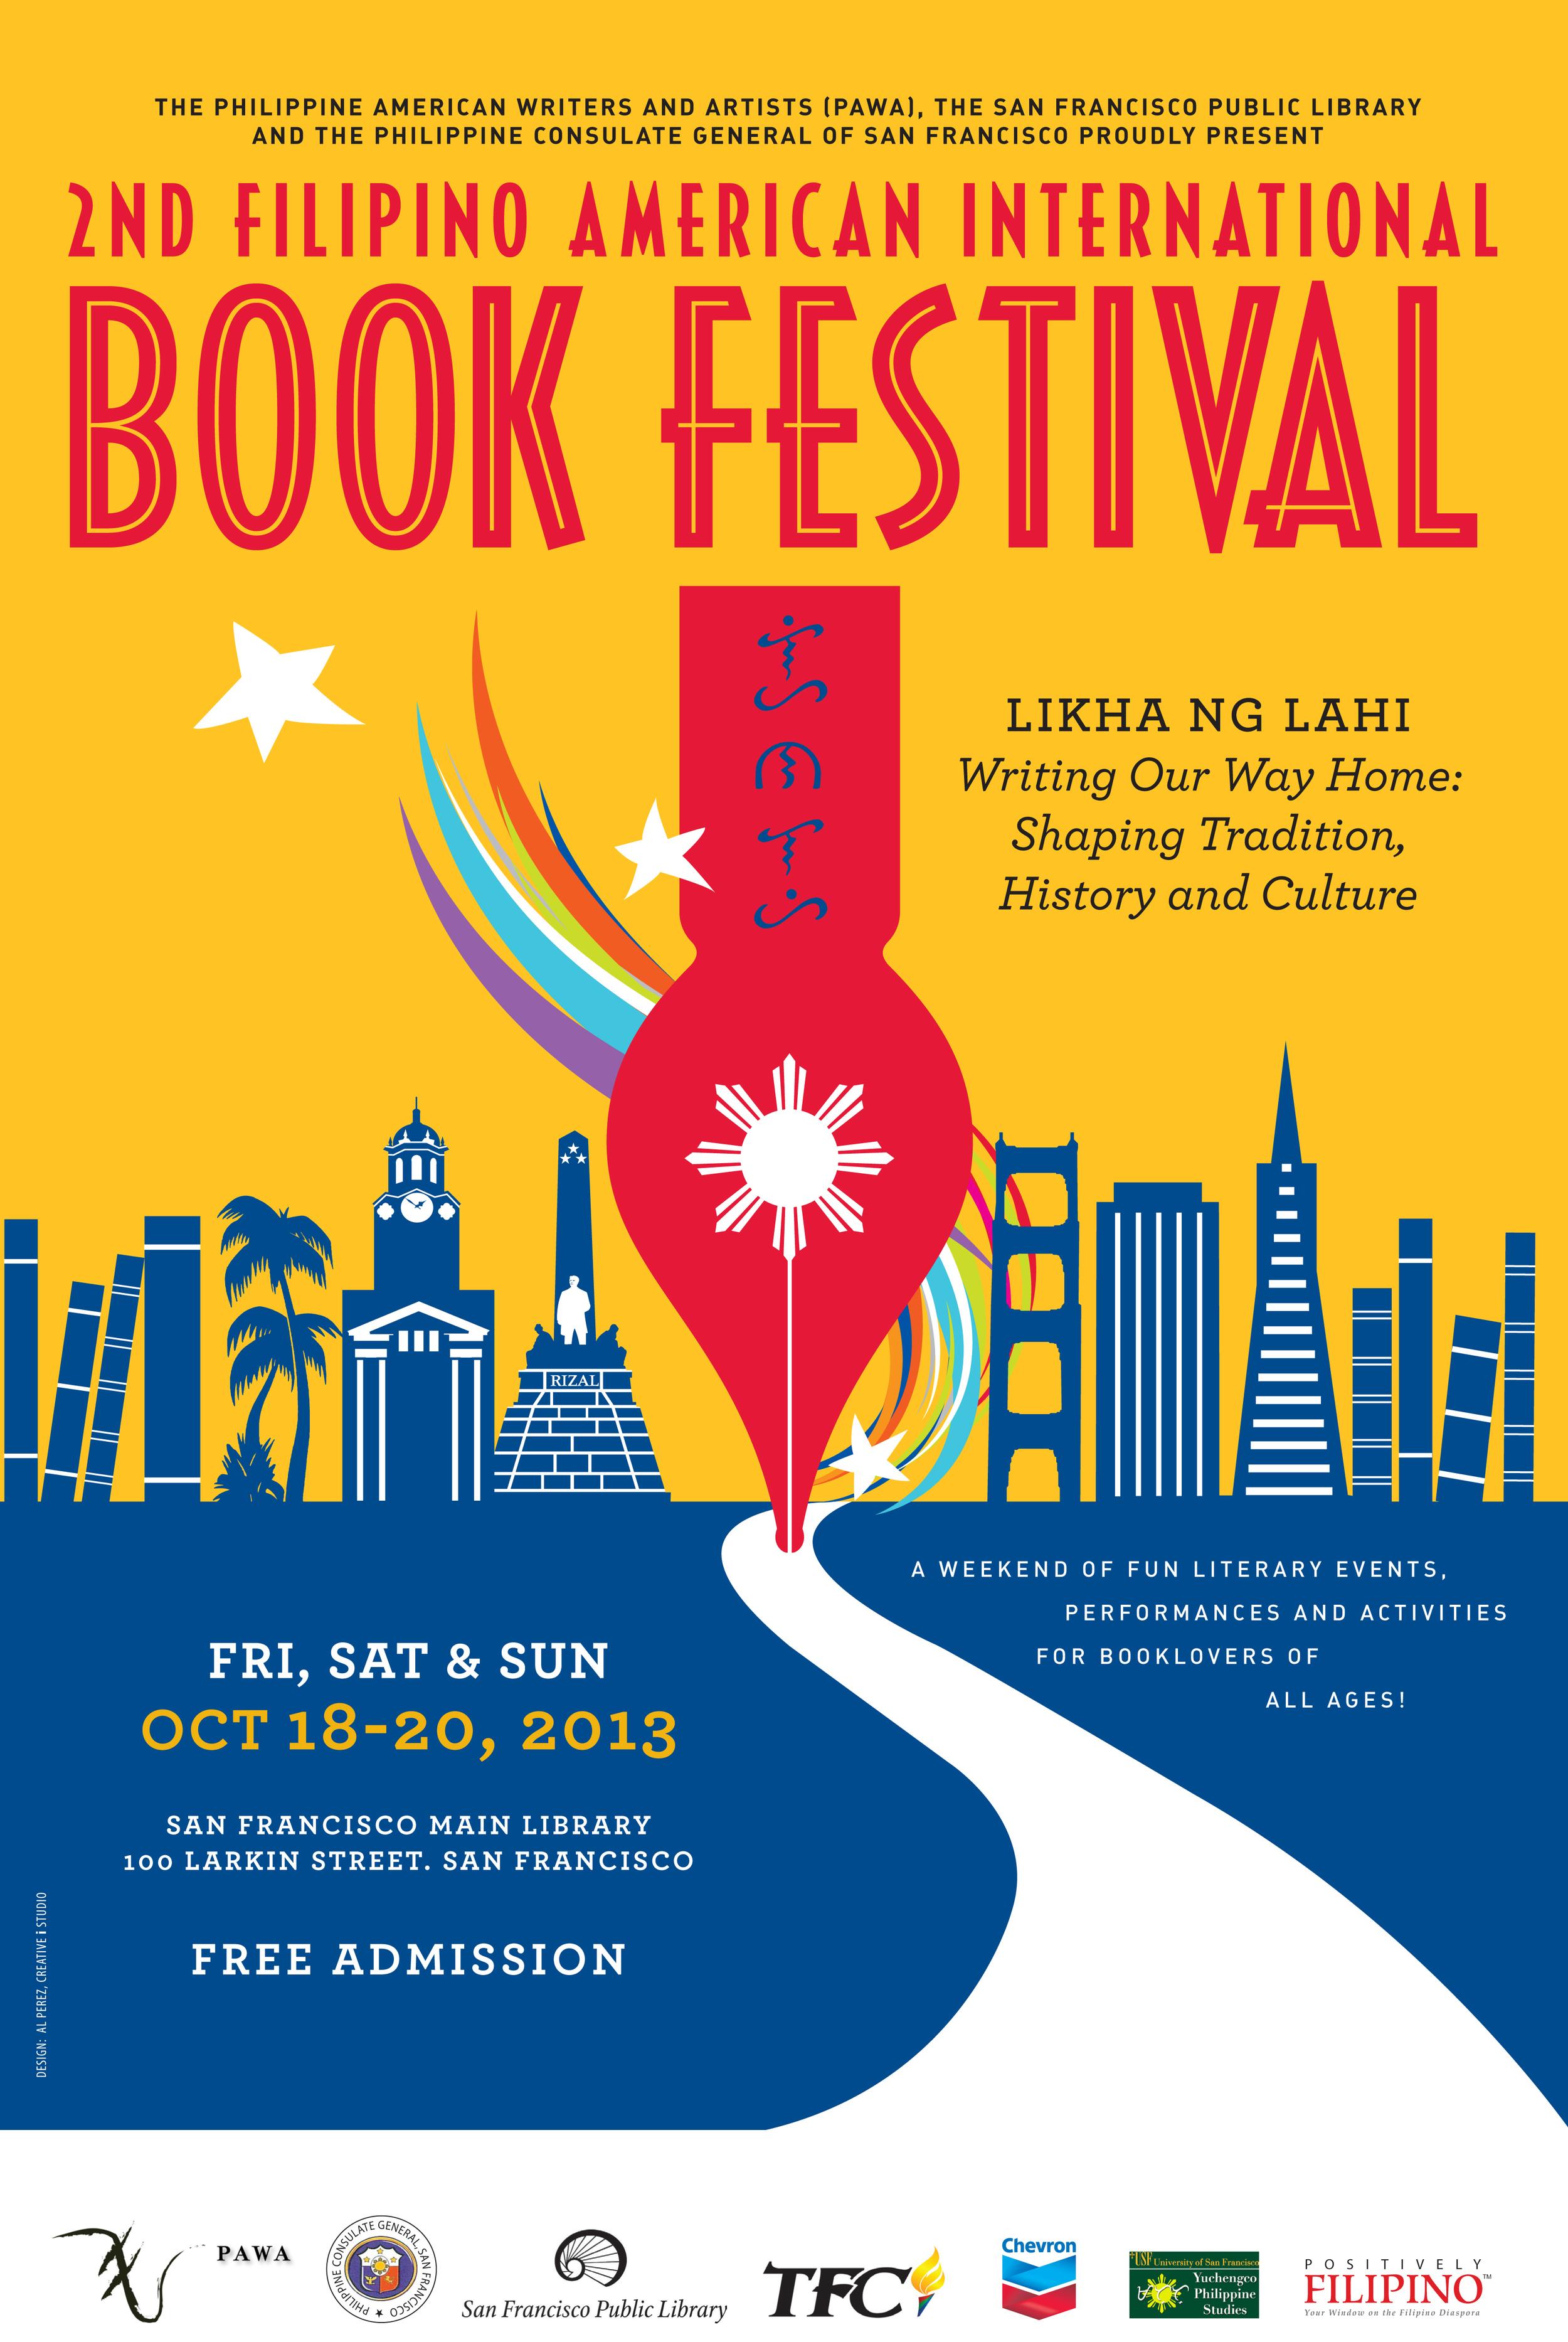 BookFestival13_poster_v4.jpg